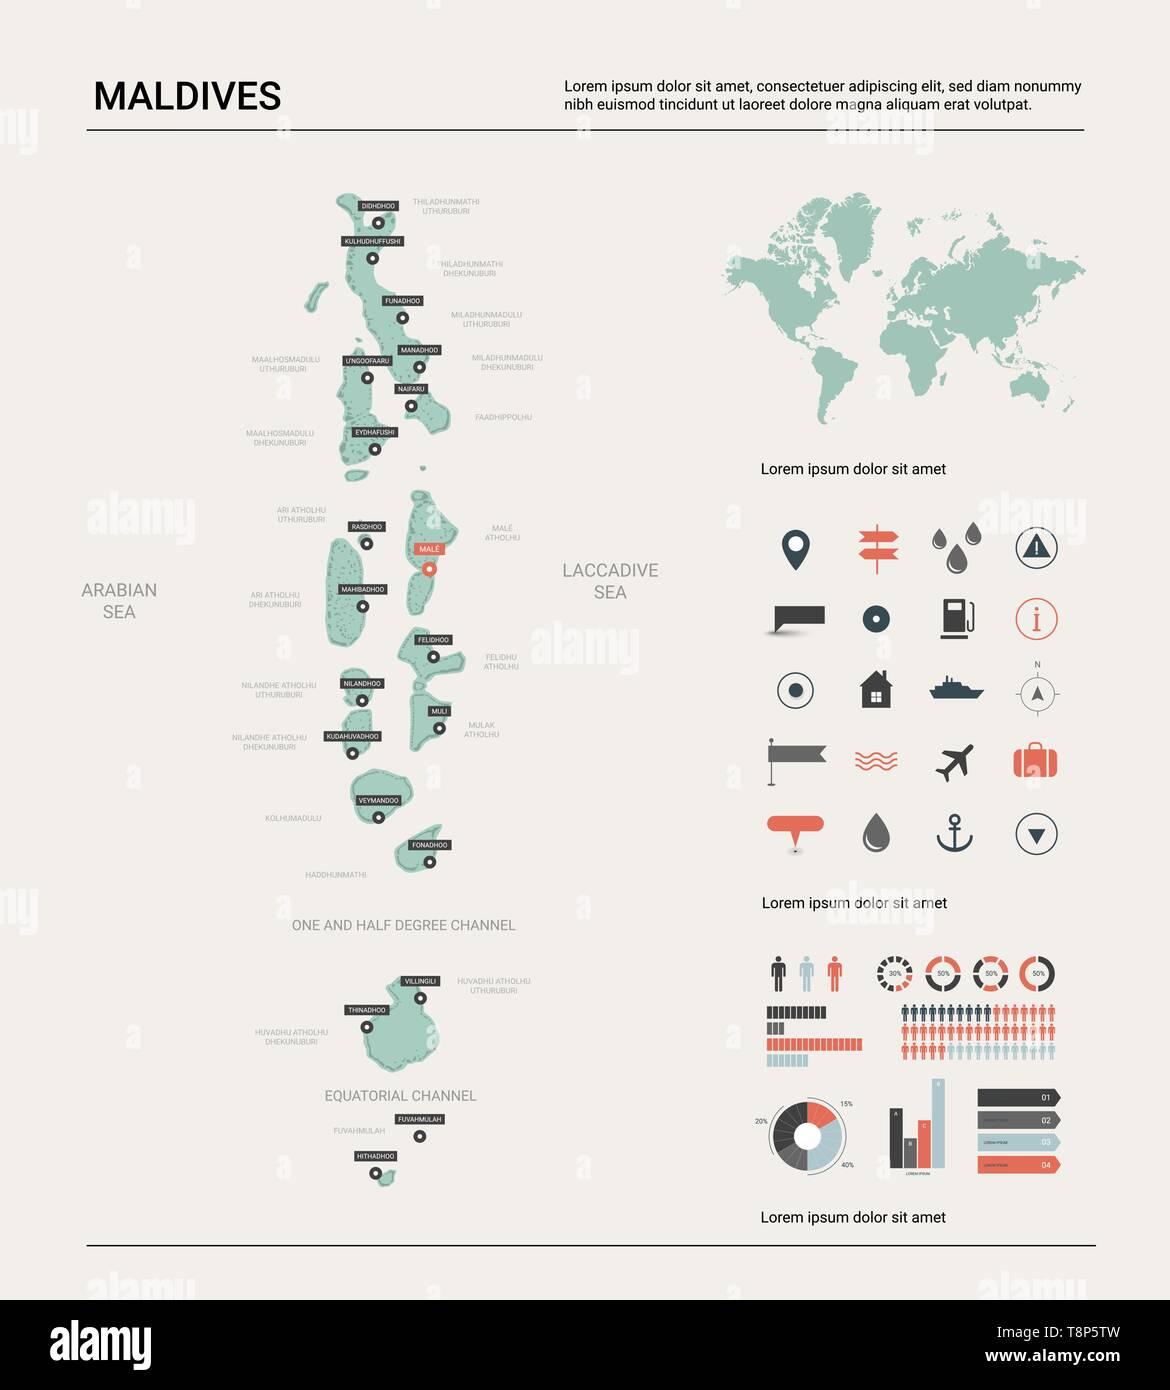 Malediven Karte Weltkarte.Vektorkarte Der Malediven Land Karte Mit Abteilung Städten Und Der